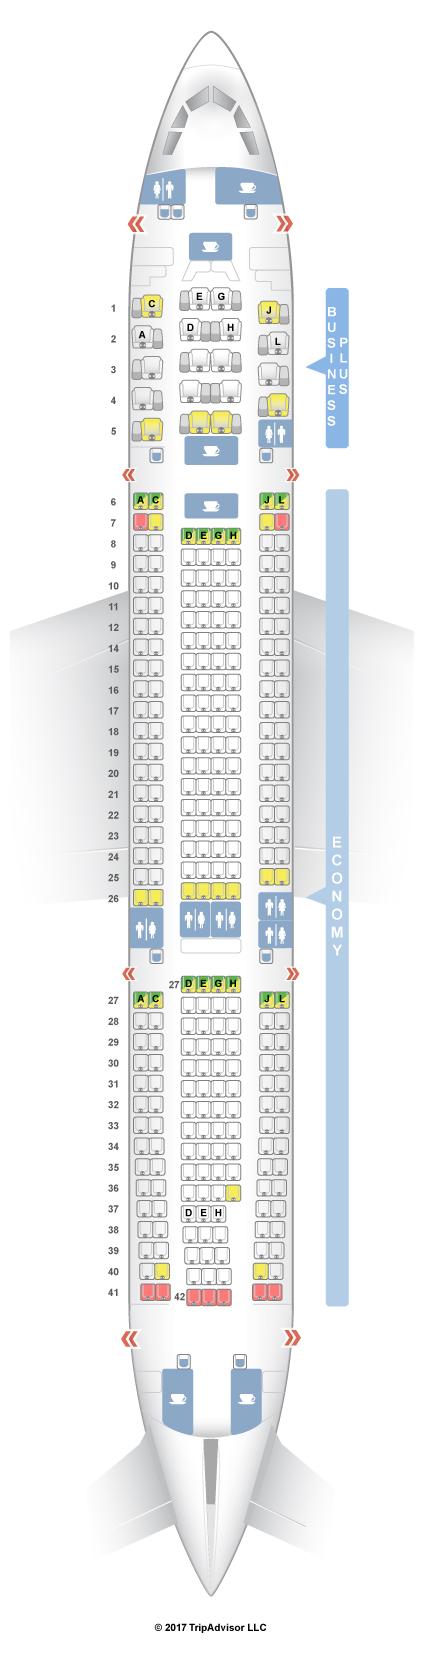 seatguru seat map iberia airbus a330 200 332